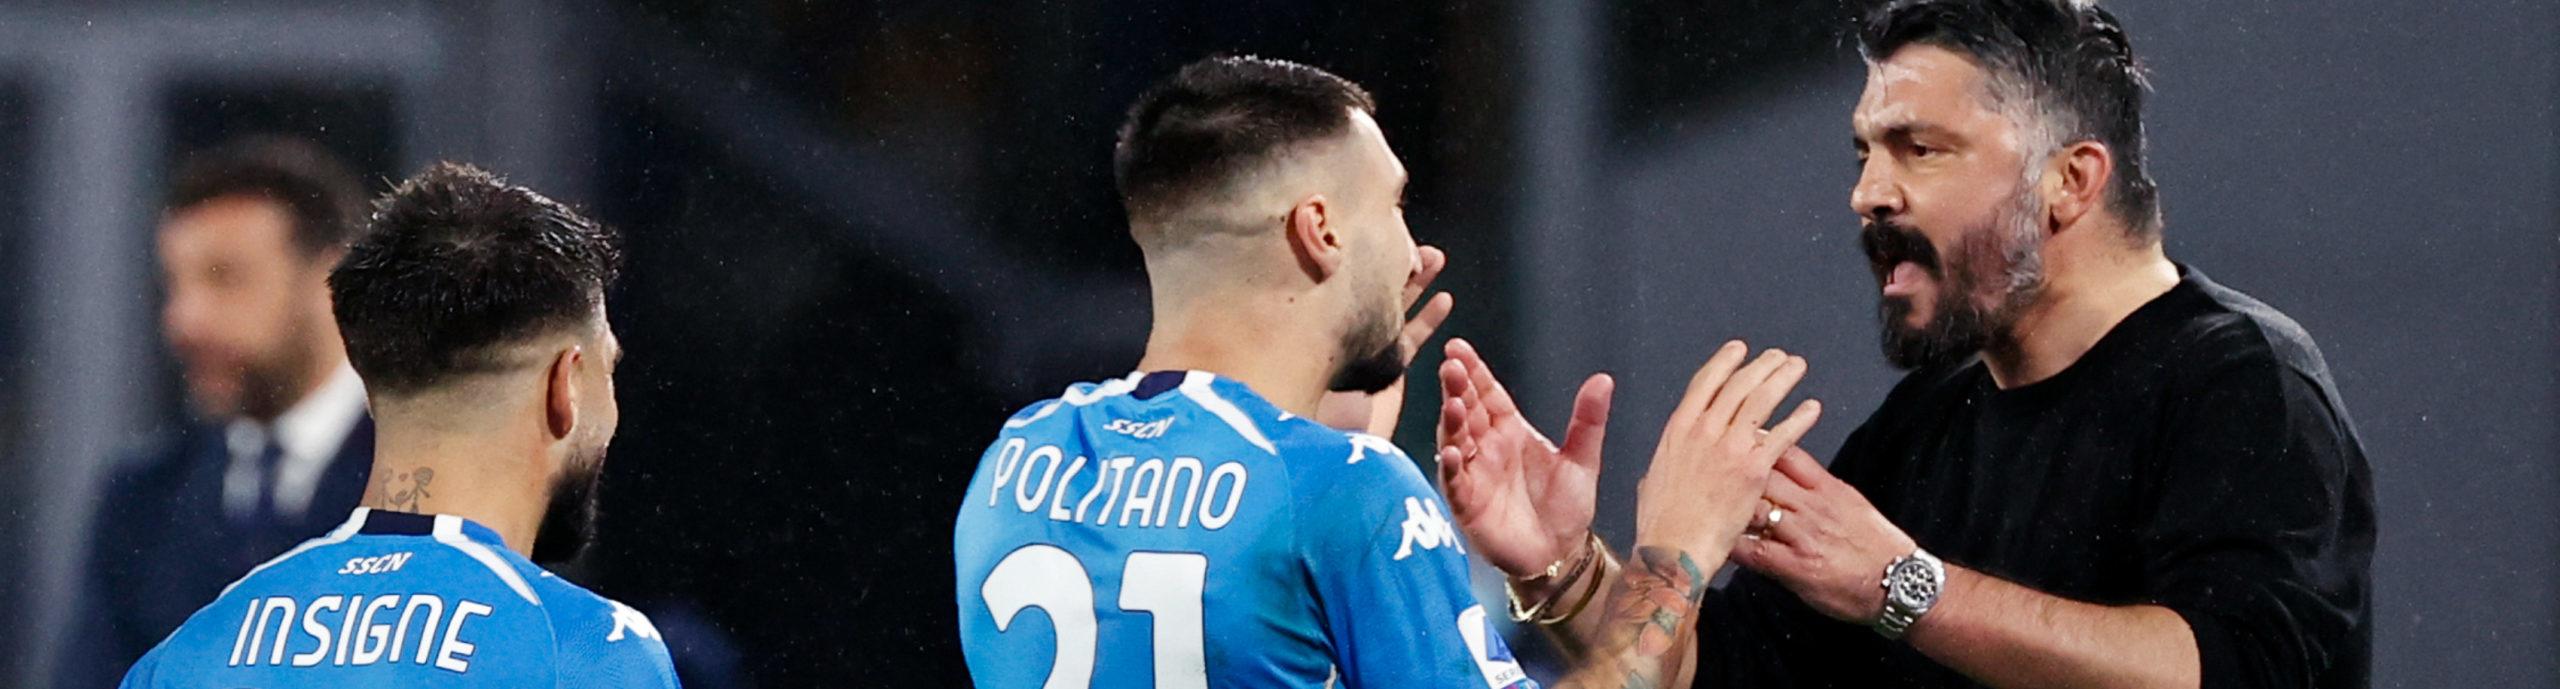 Pronostico Napoli-Juventus, nonostante le assenze Gattuso non si tira indietro - le ultimissime